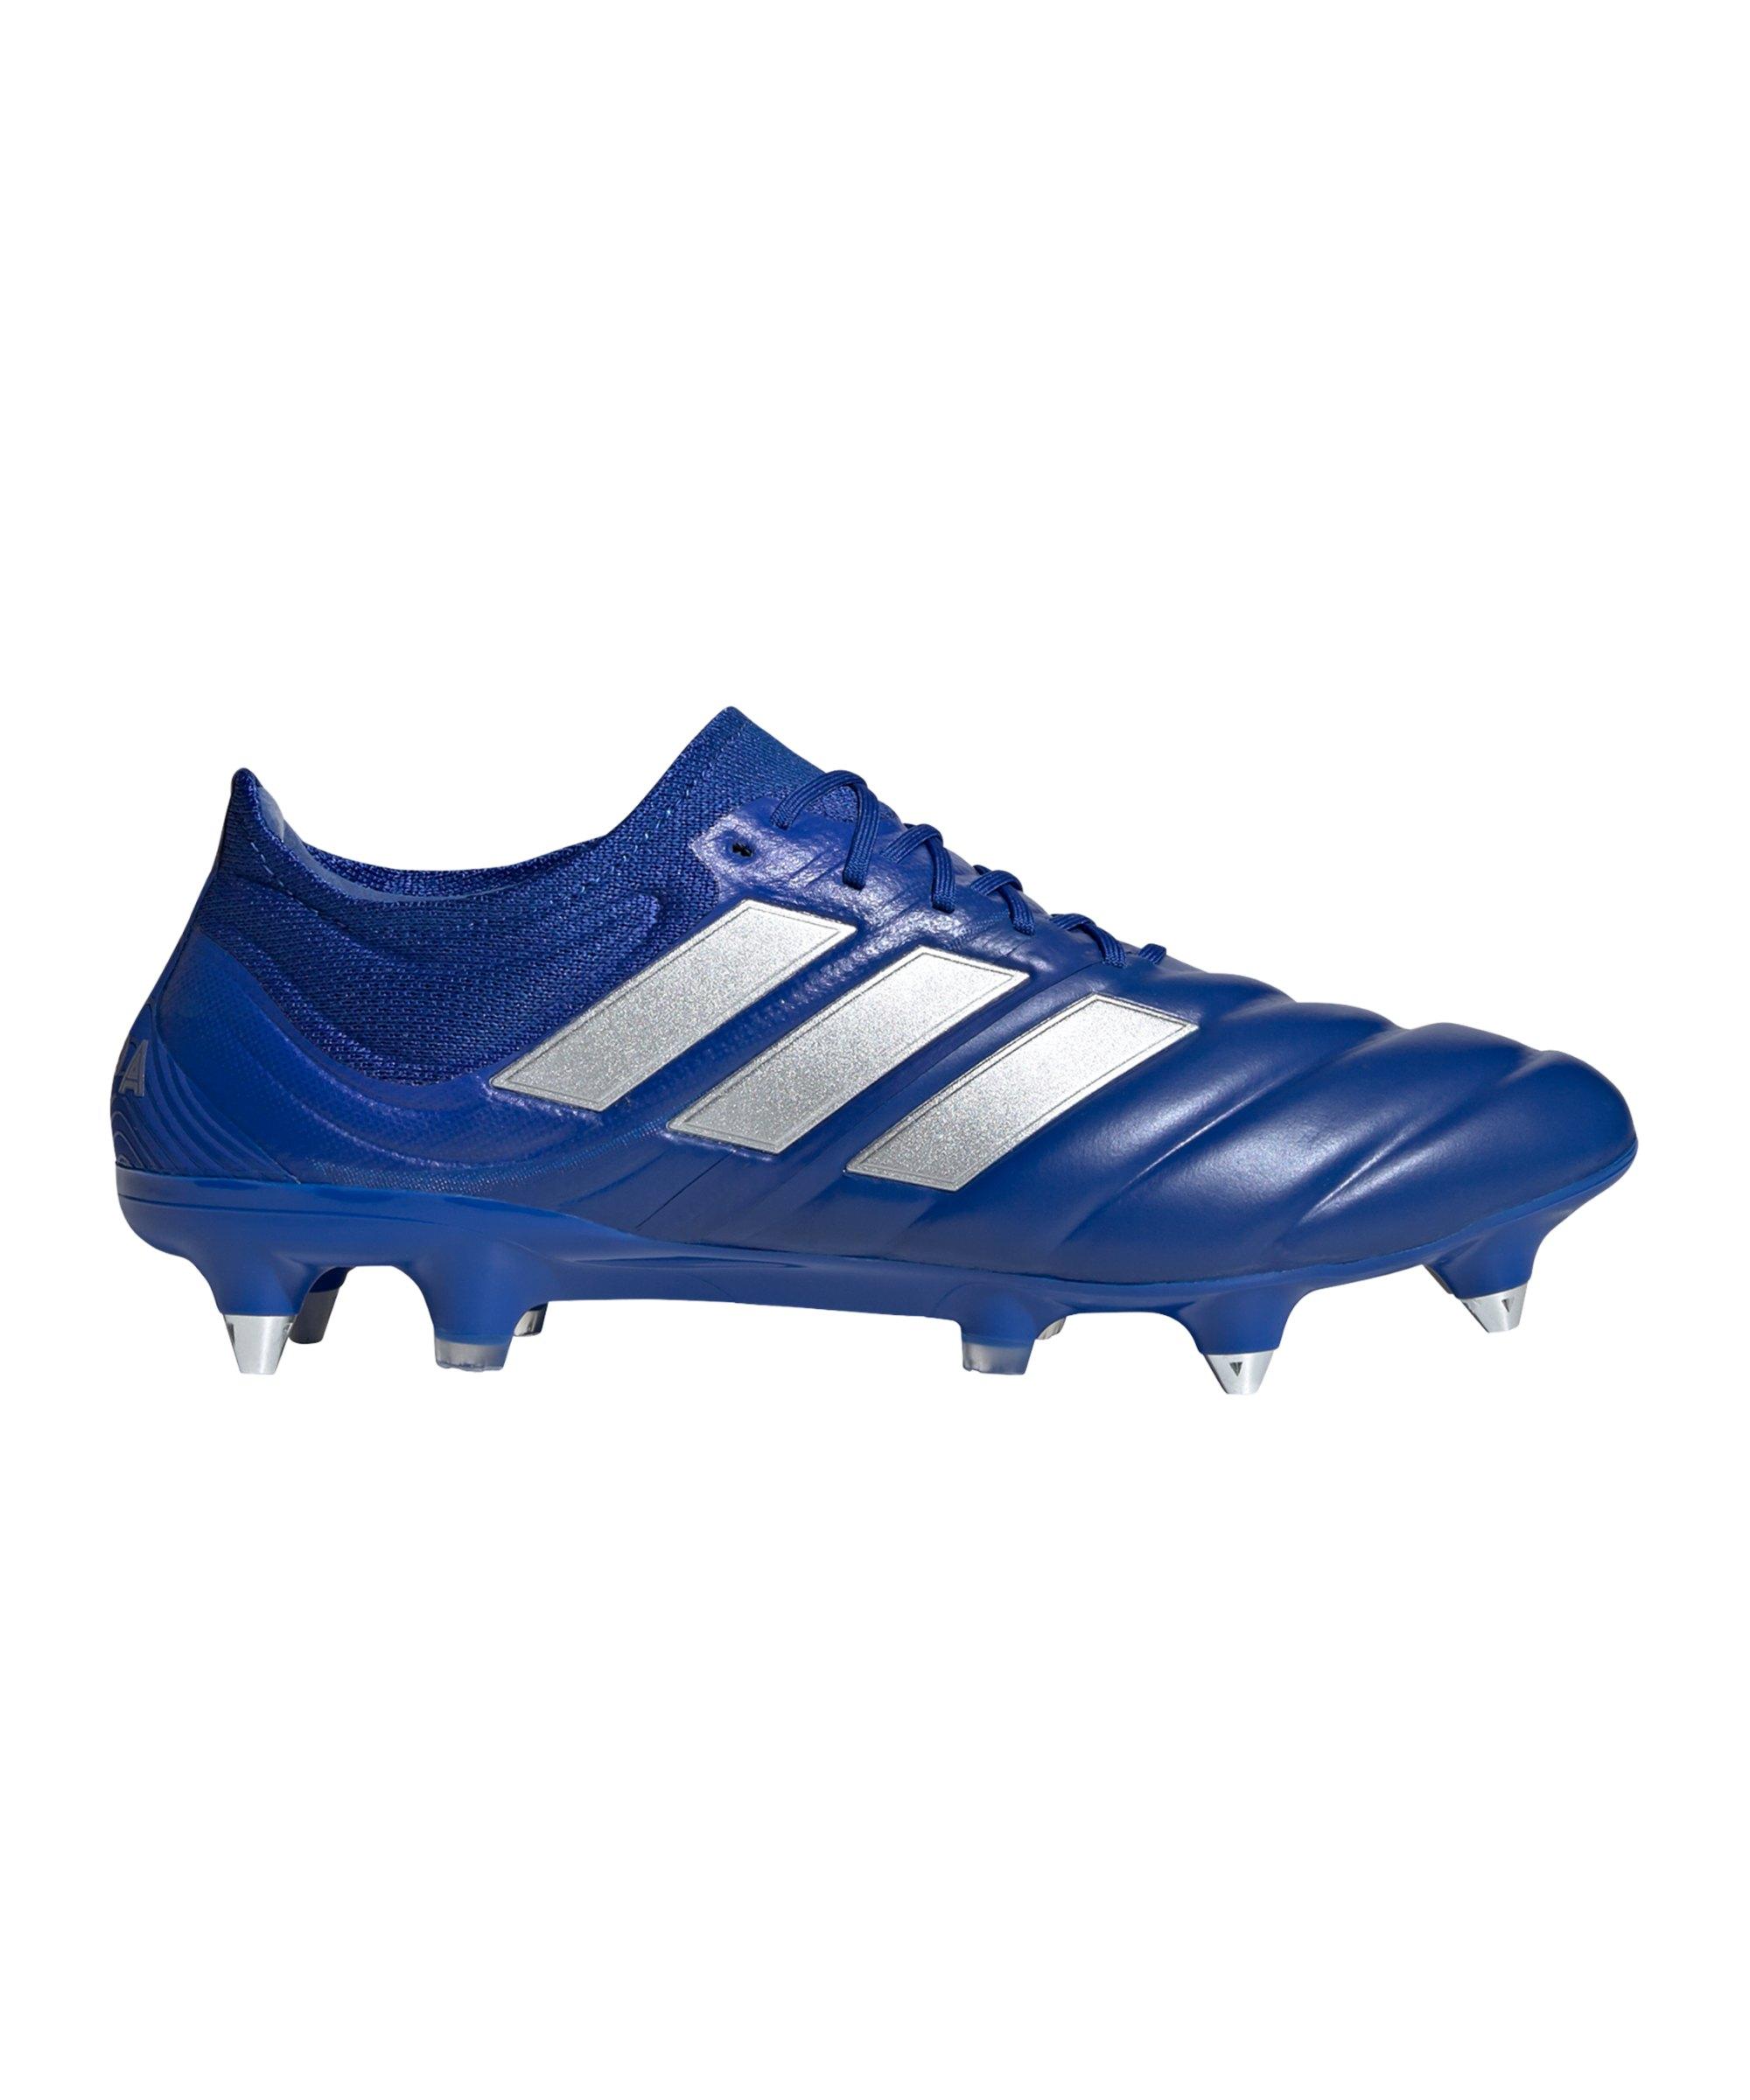 adidas COPA Inflight 20.1 SG Blau Silber - blau